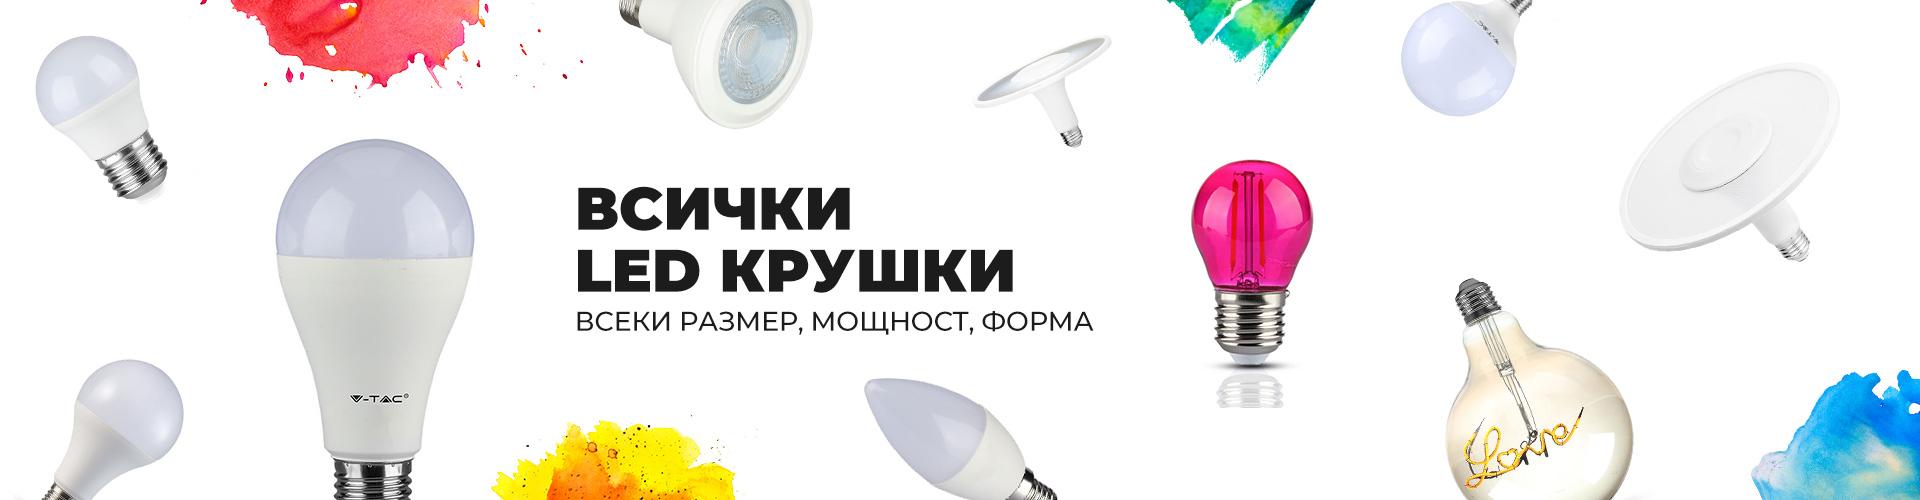 2-all-bulbs-bg